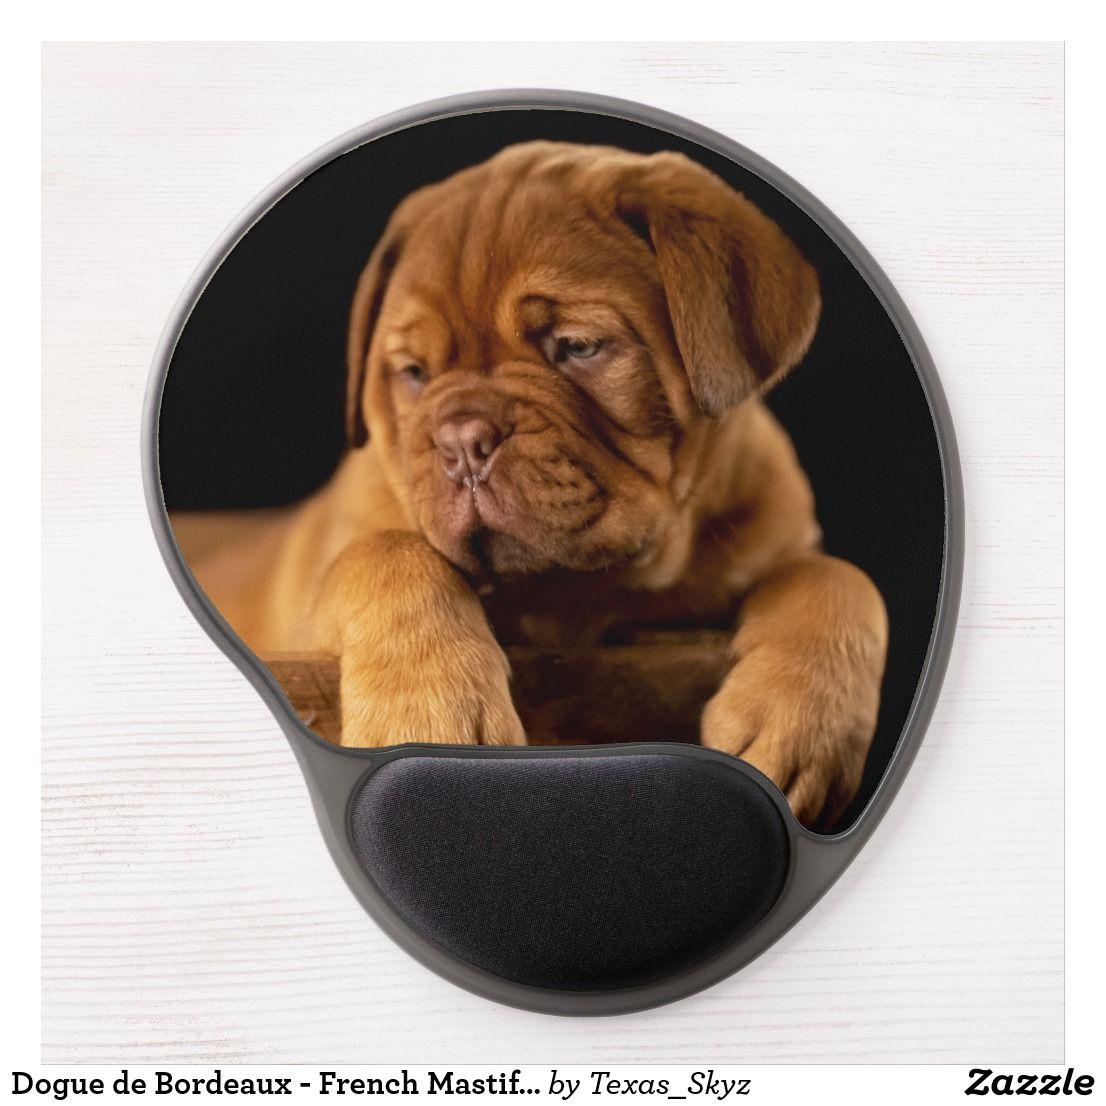 Dogue De Bordeaux French Mastiff Puppy Dog Gel Mouse Pad Zazzle Com French Mastiff Mastiff Puppies French Mastiff Puppies